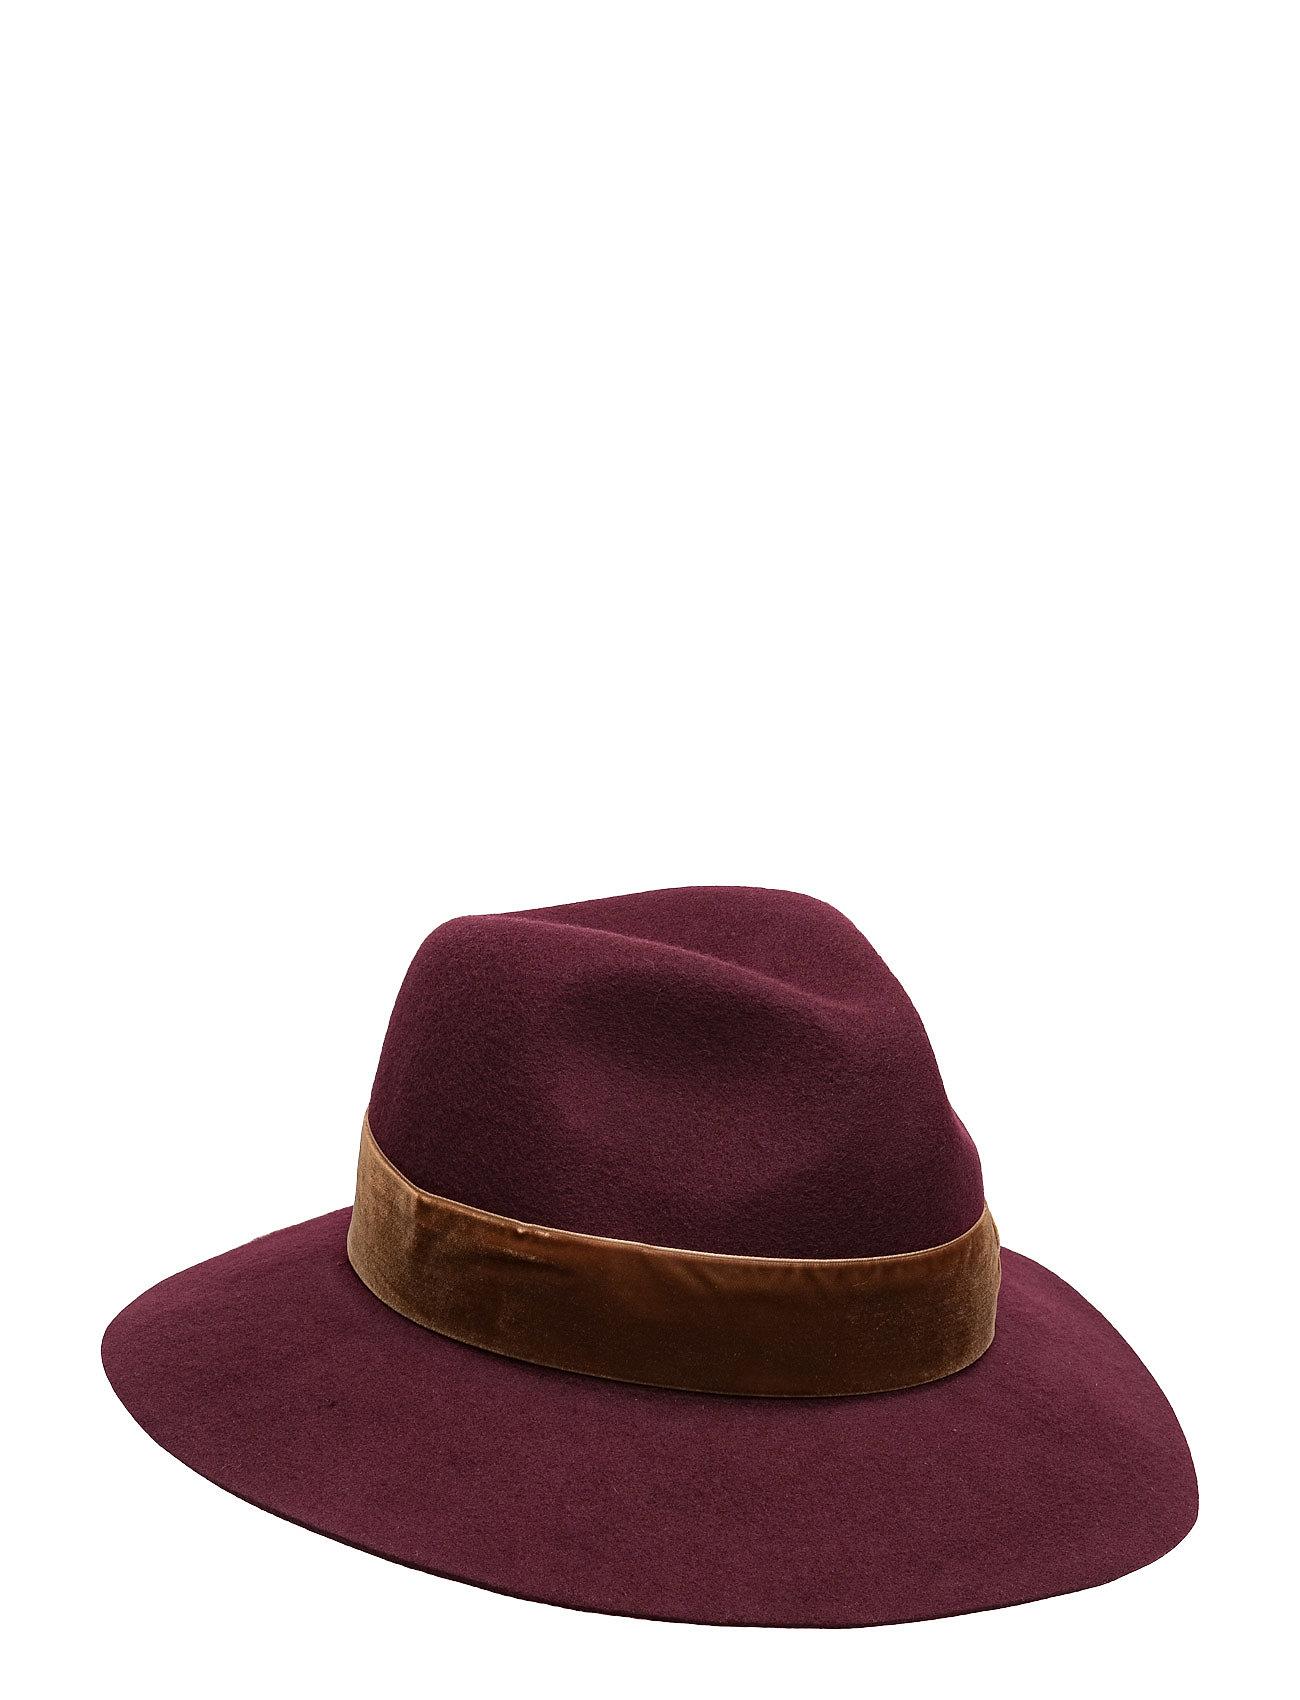 unmade copenhagen Hat with velvet band fra boozt.com dk